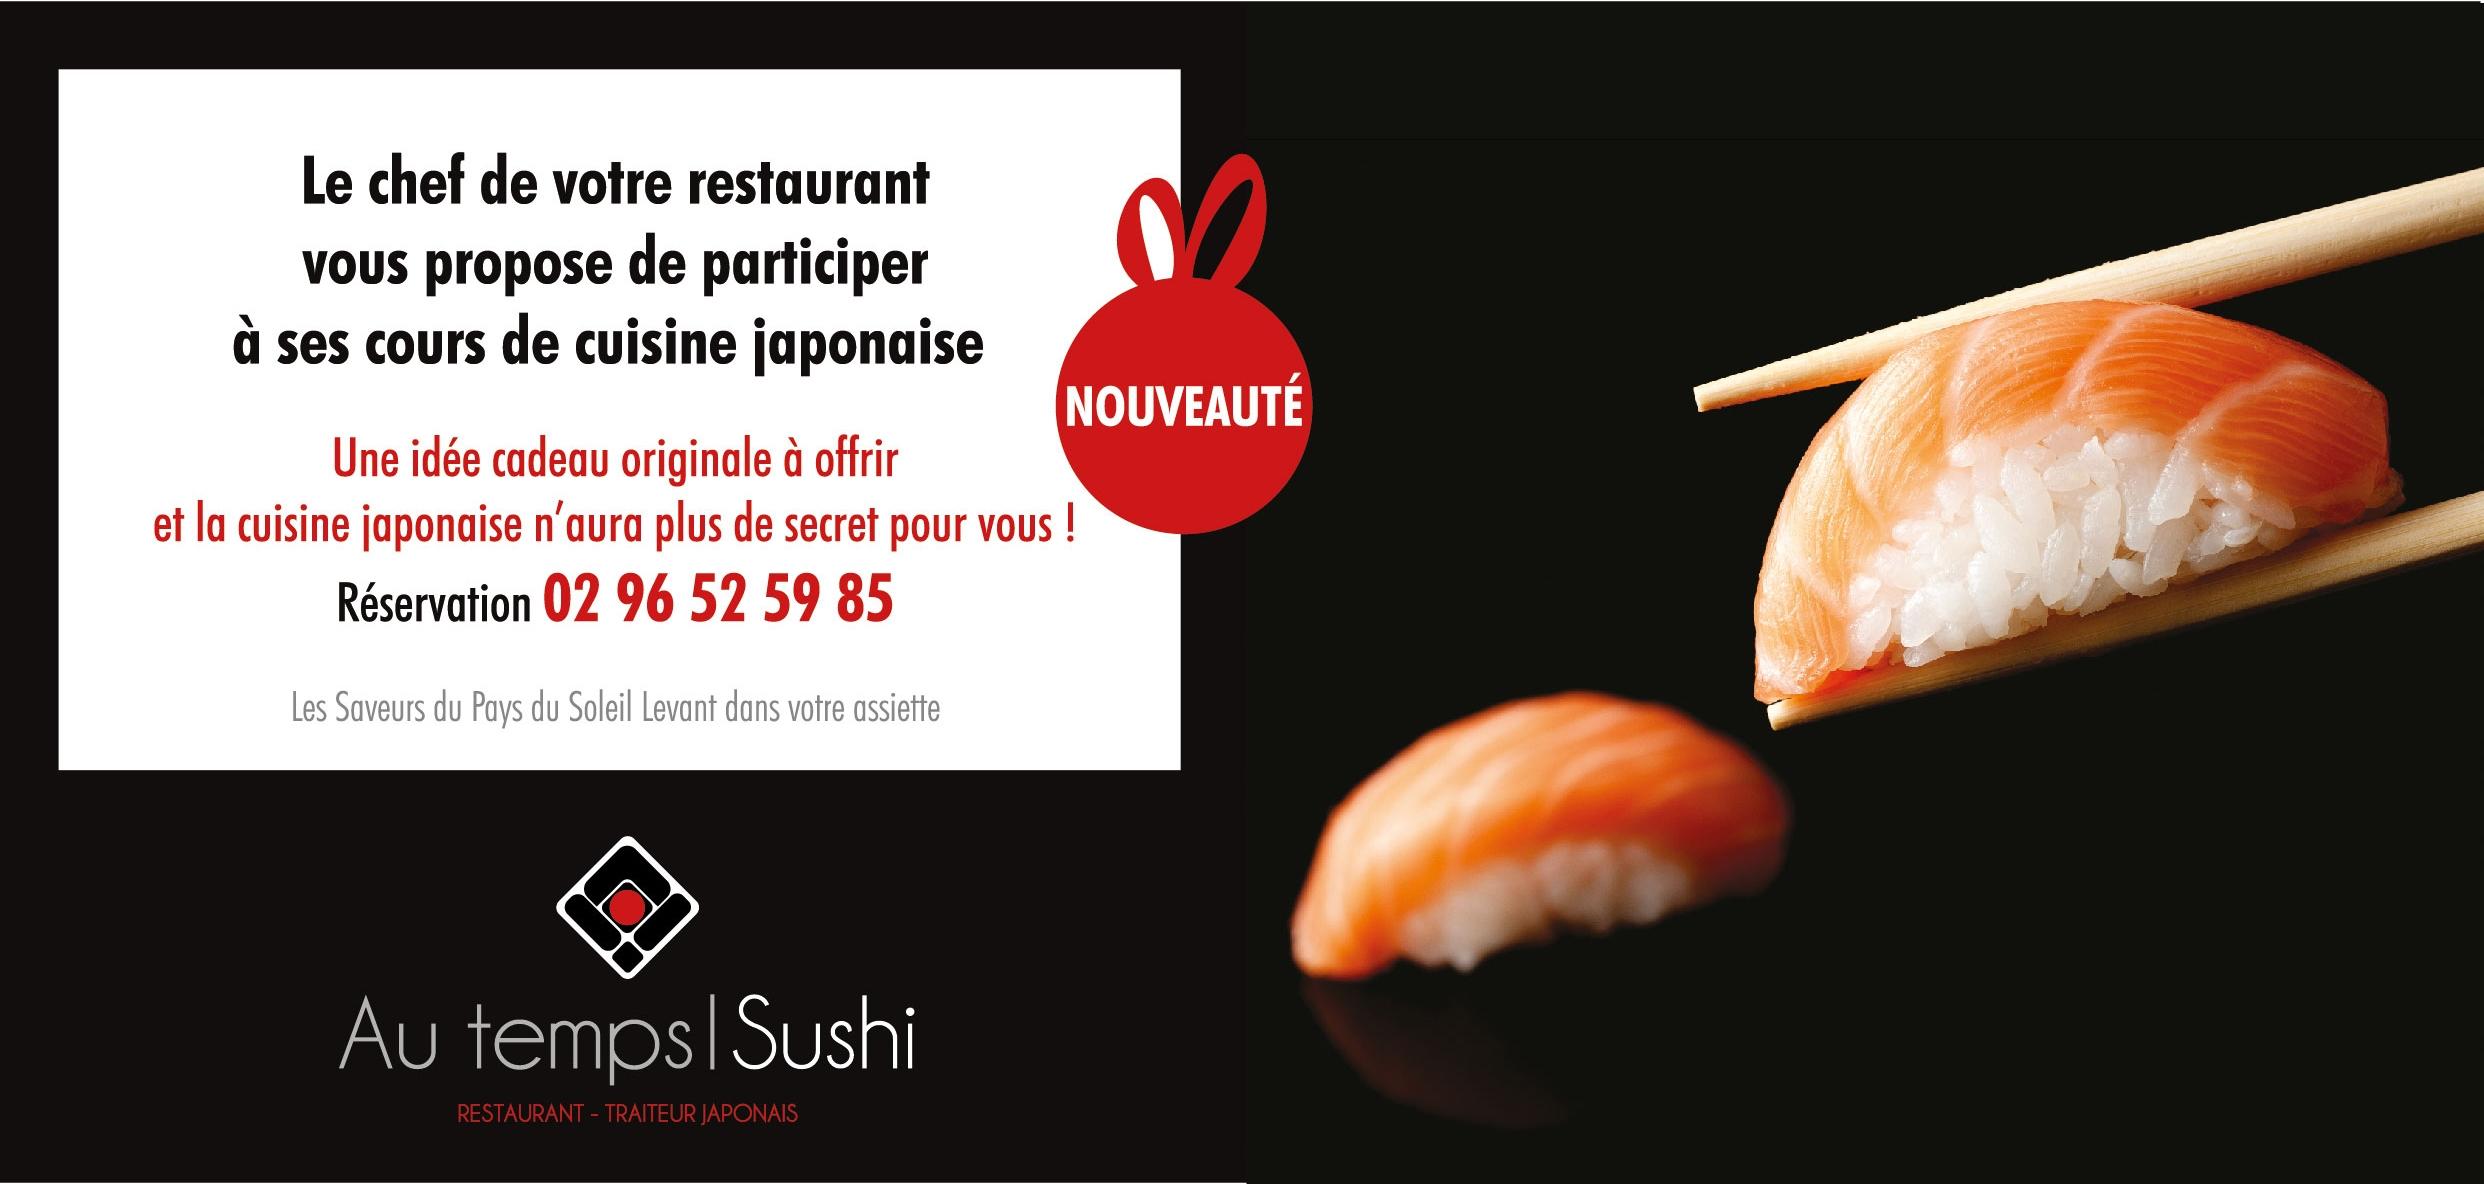 Nouveau cours de cuisine japonaise for Offrir cours de cuisine